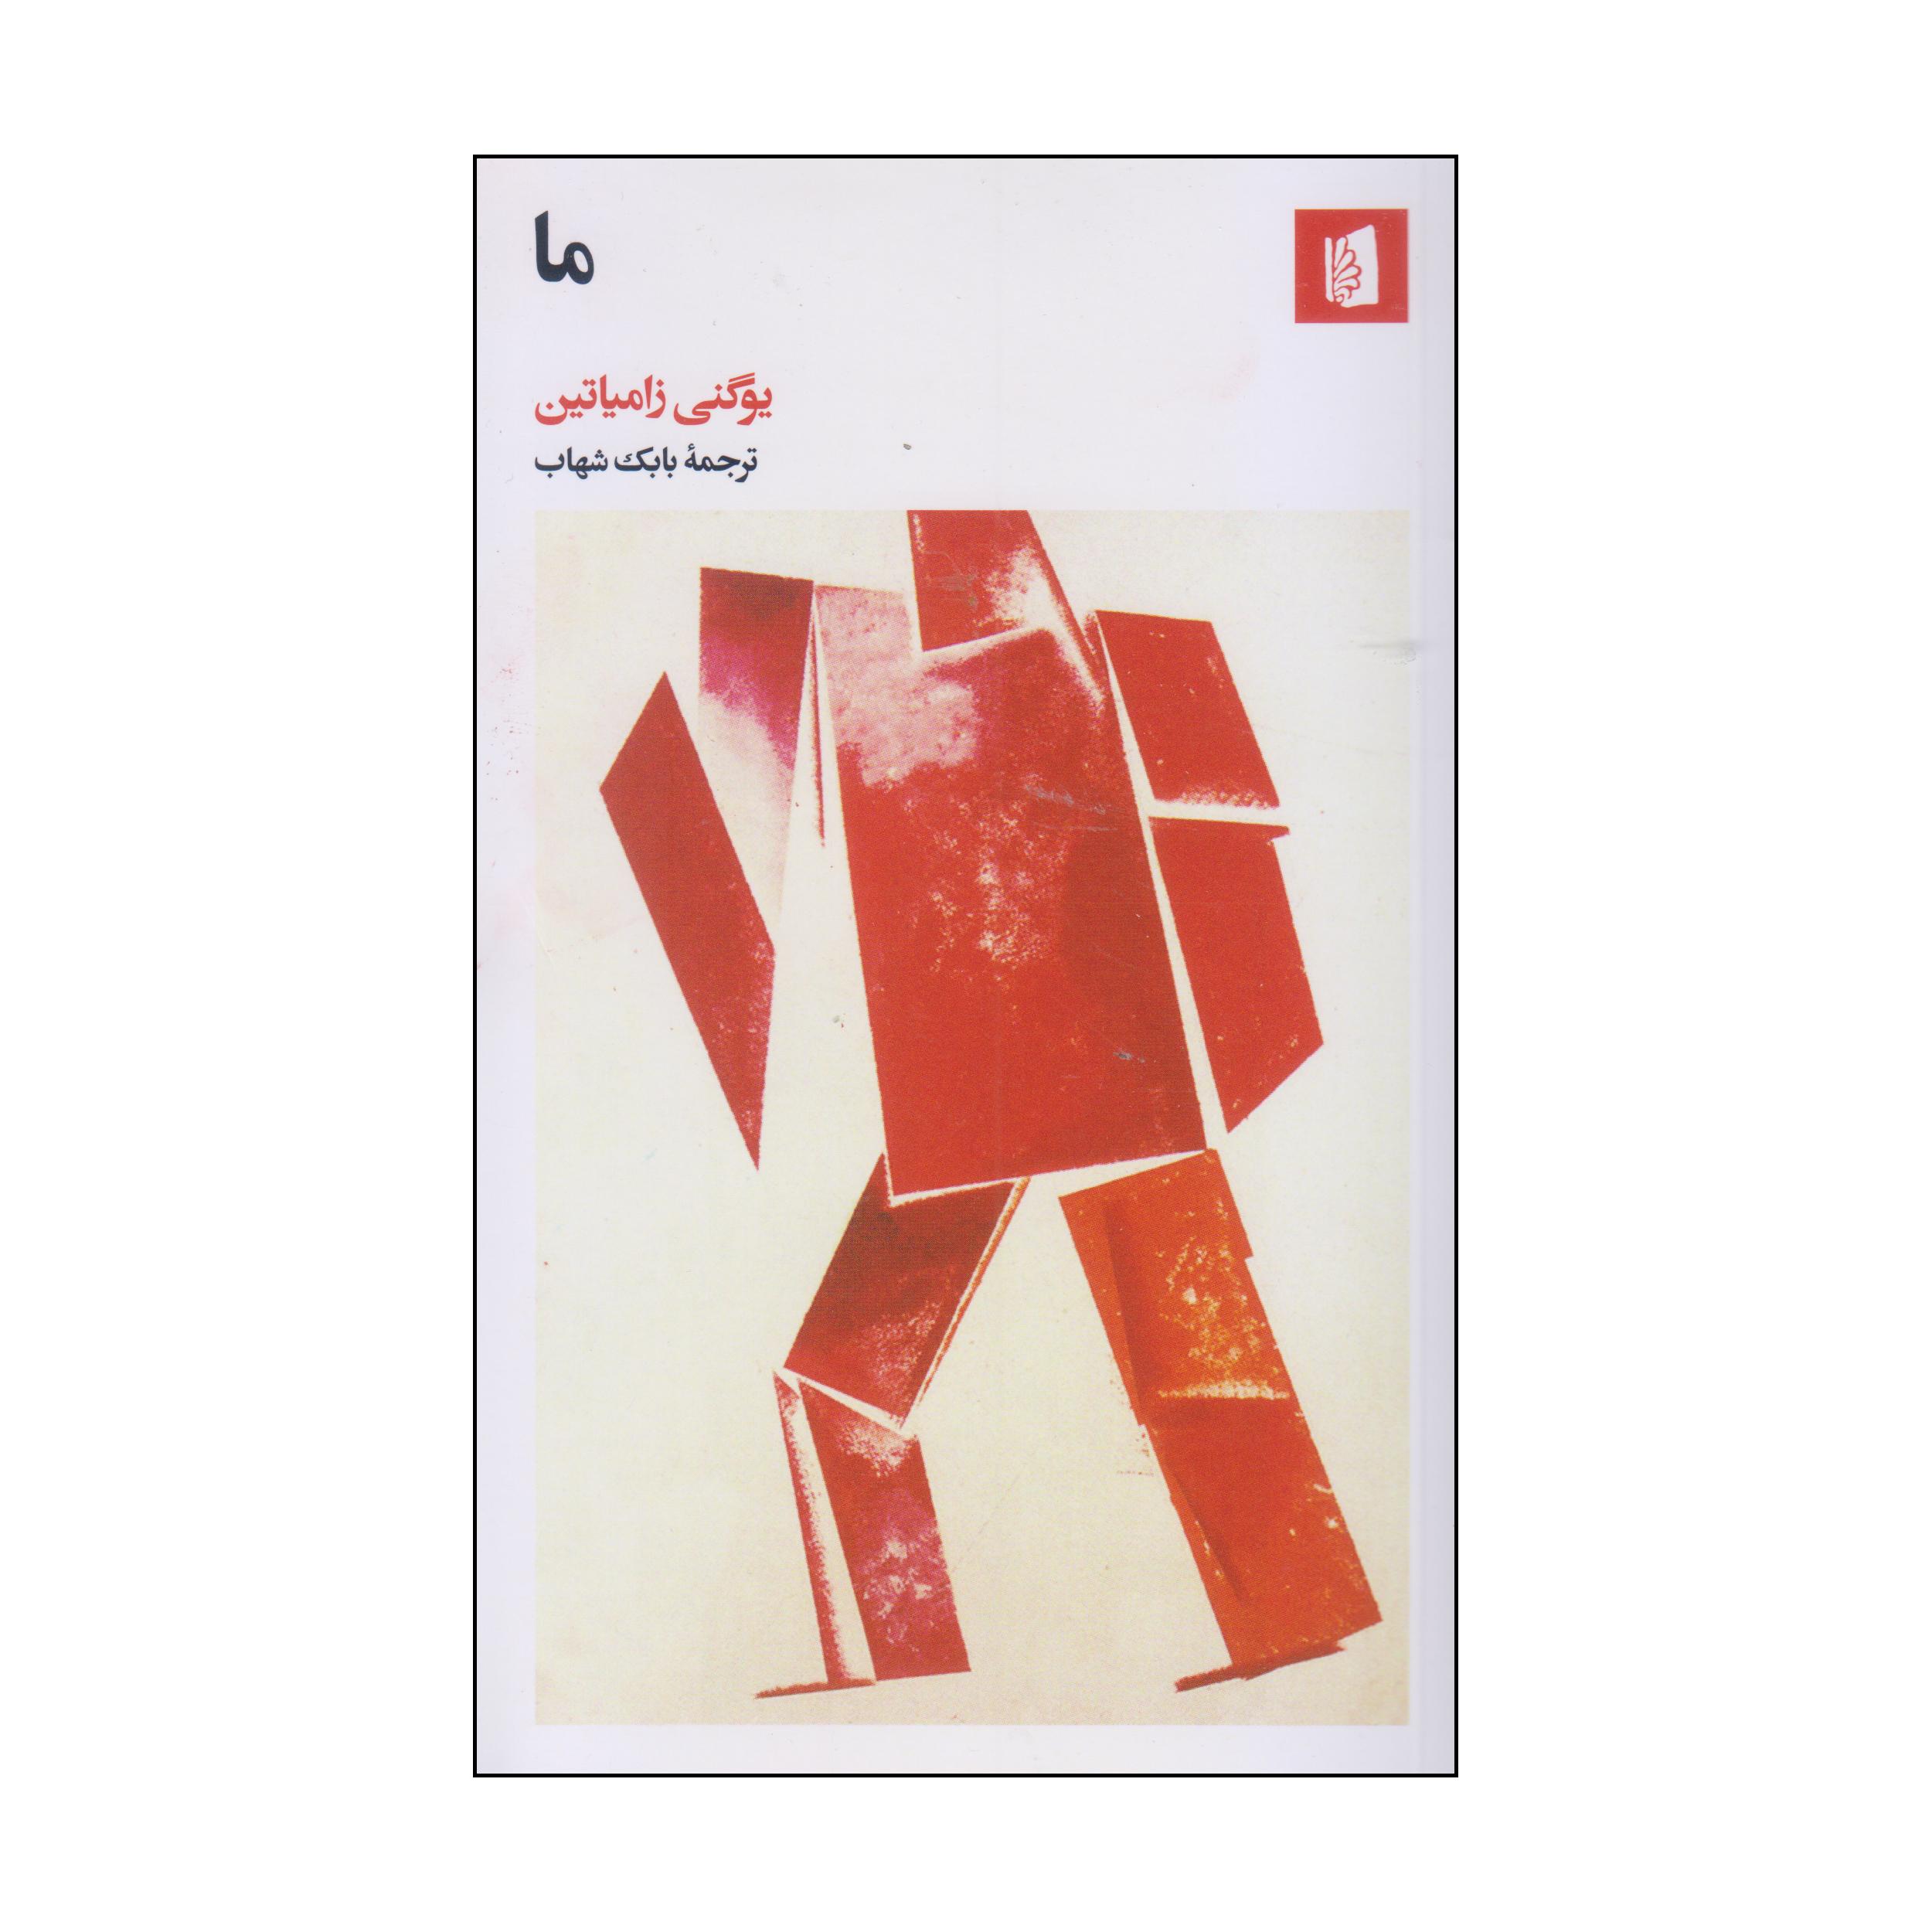 کتاب ما اثر یوگنی زامیاتین انتشارات بیدگل